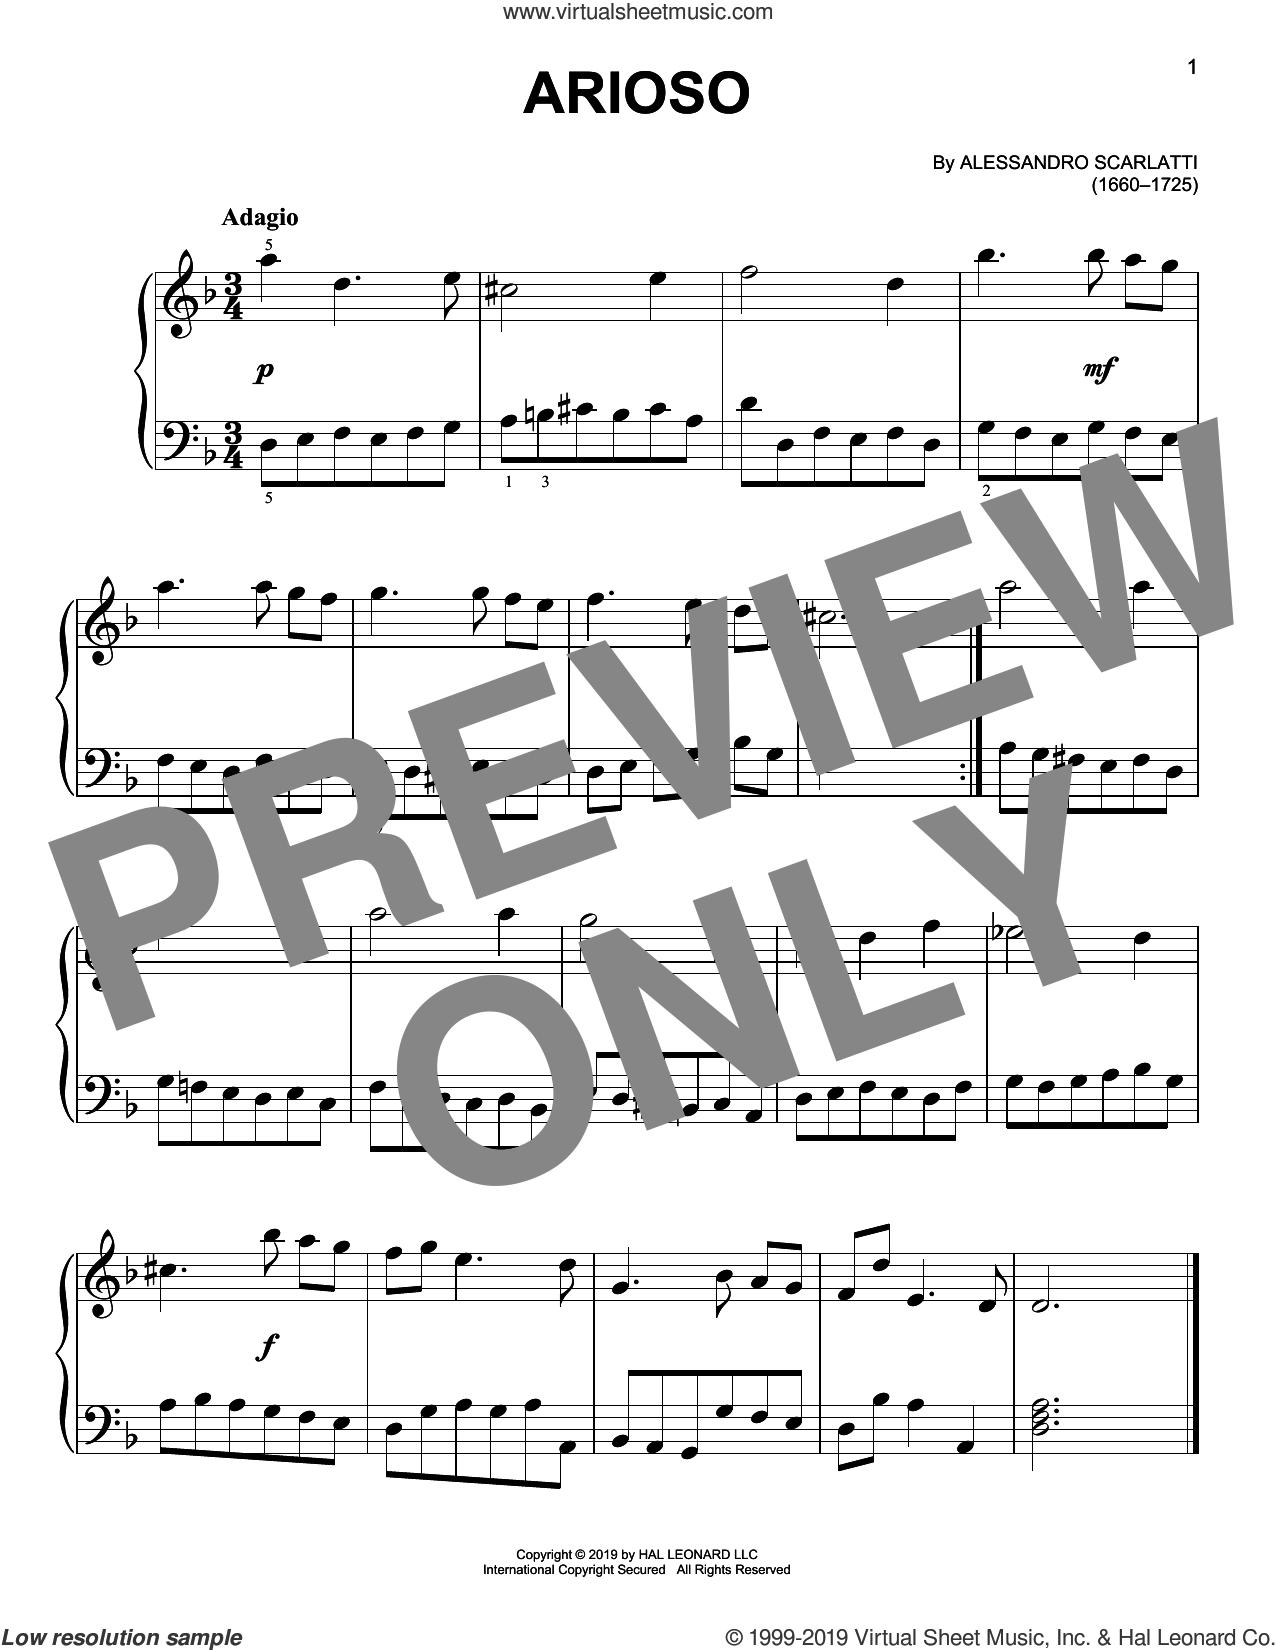 Arioso sheet music for piano solo by Alessandro Scarlatti, classical score, easy skill level